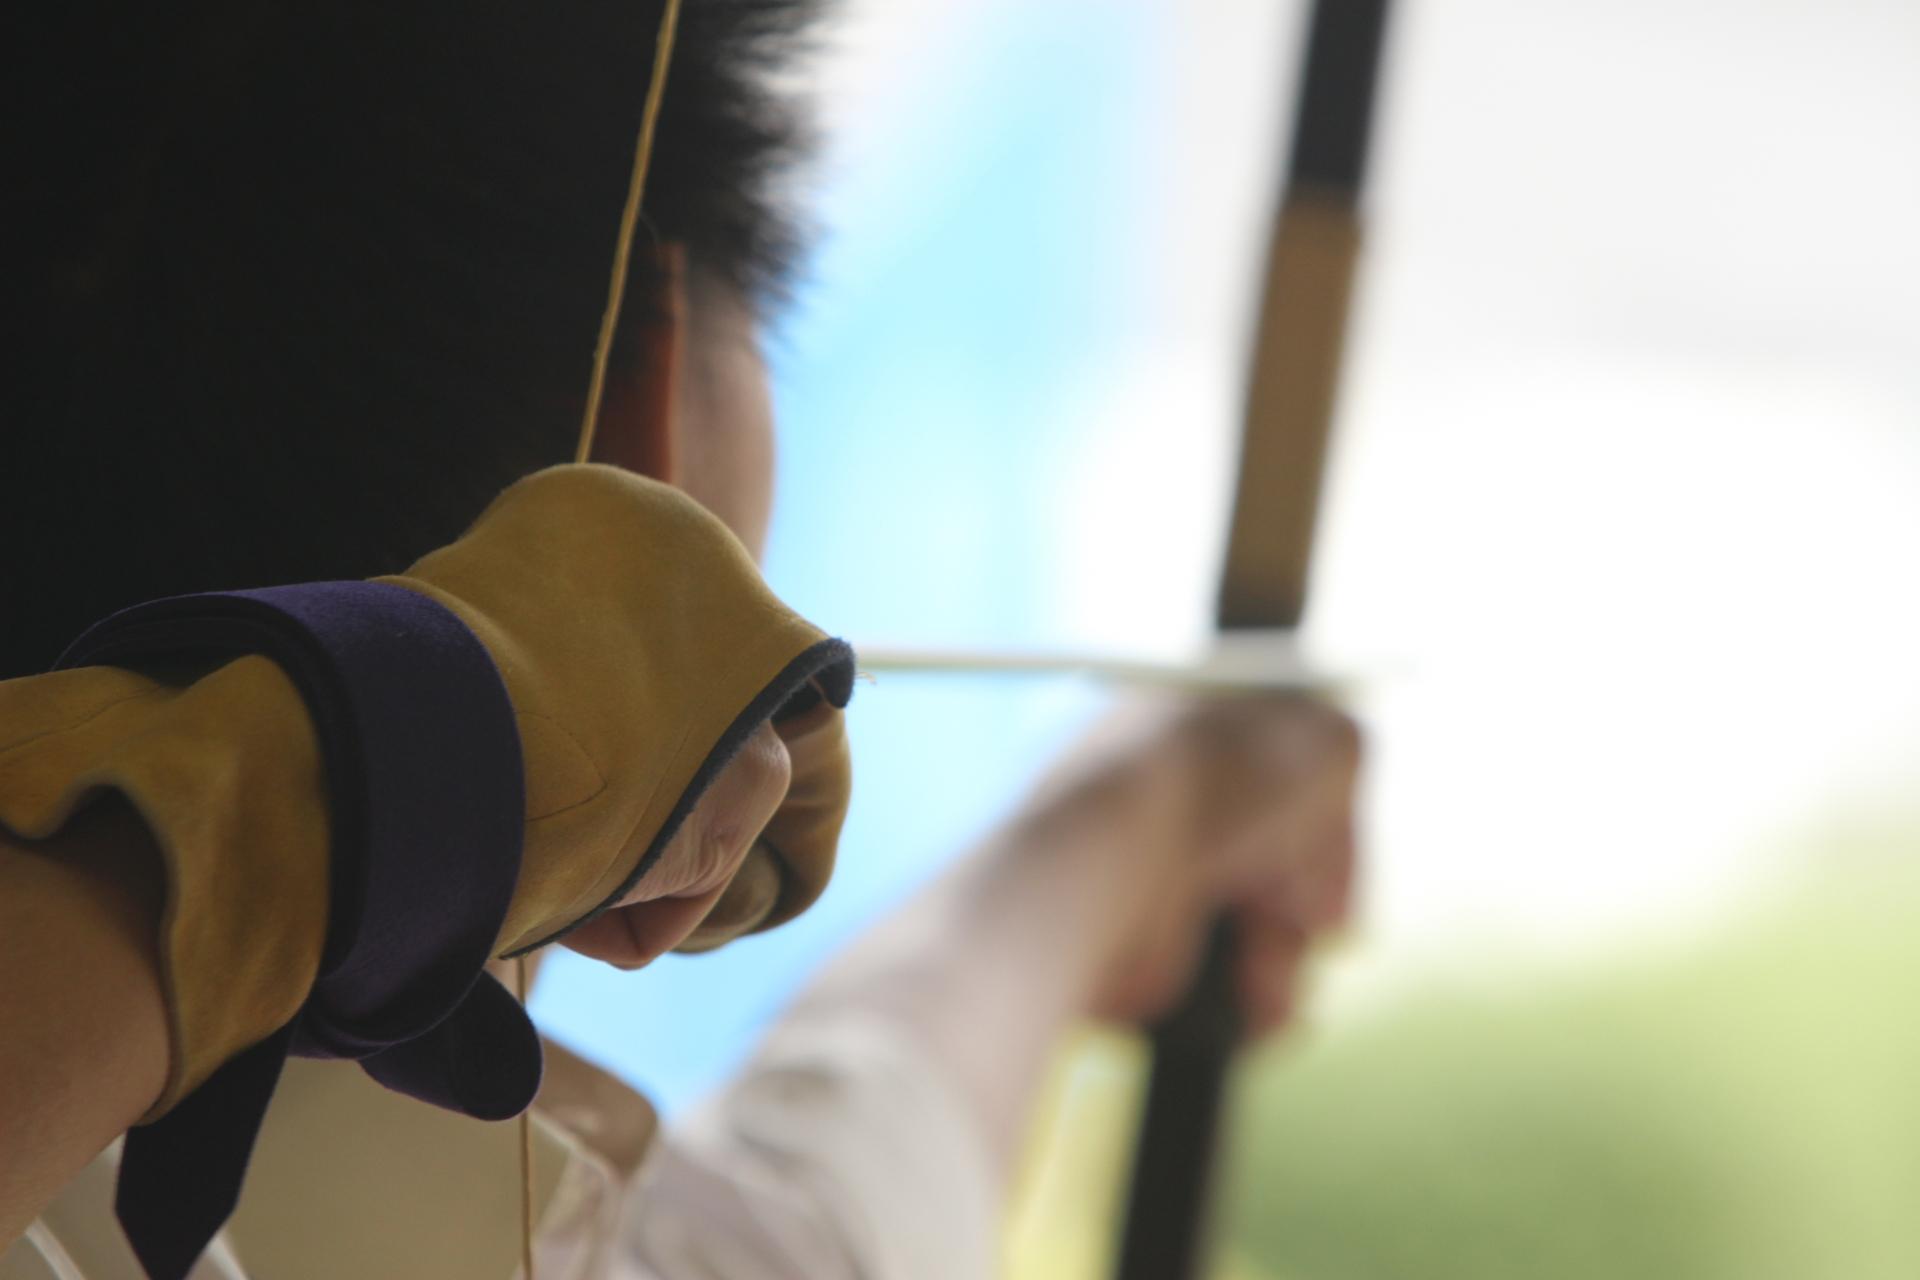 弓道の早気(はやけ)の原因とは?早気の克服方法をご紹介。